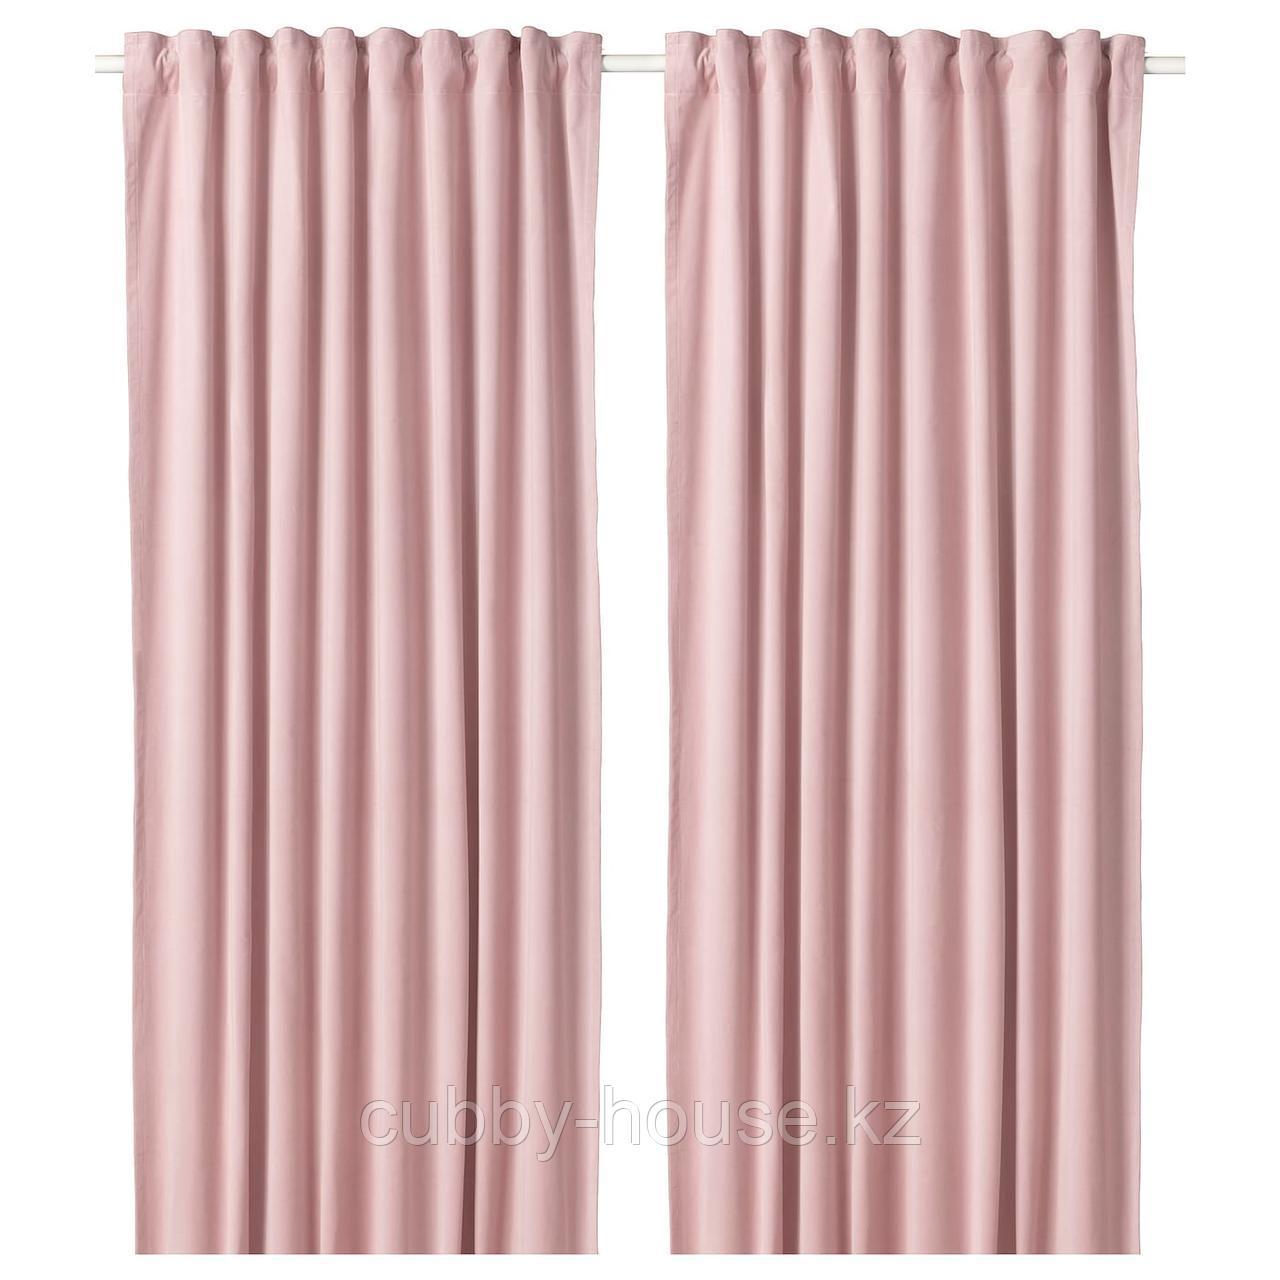 САНЕЛА Затемняющие гардины, 1 пара, светло-розовый, 140x300 см